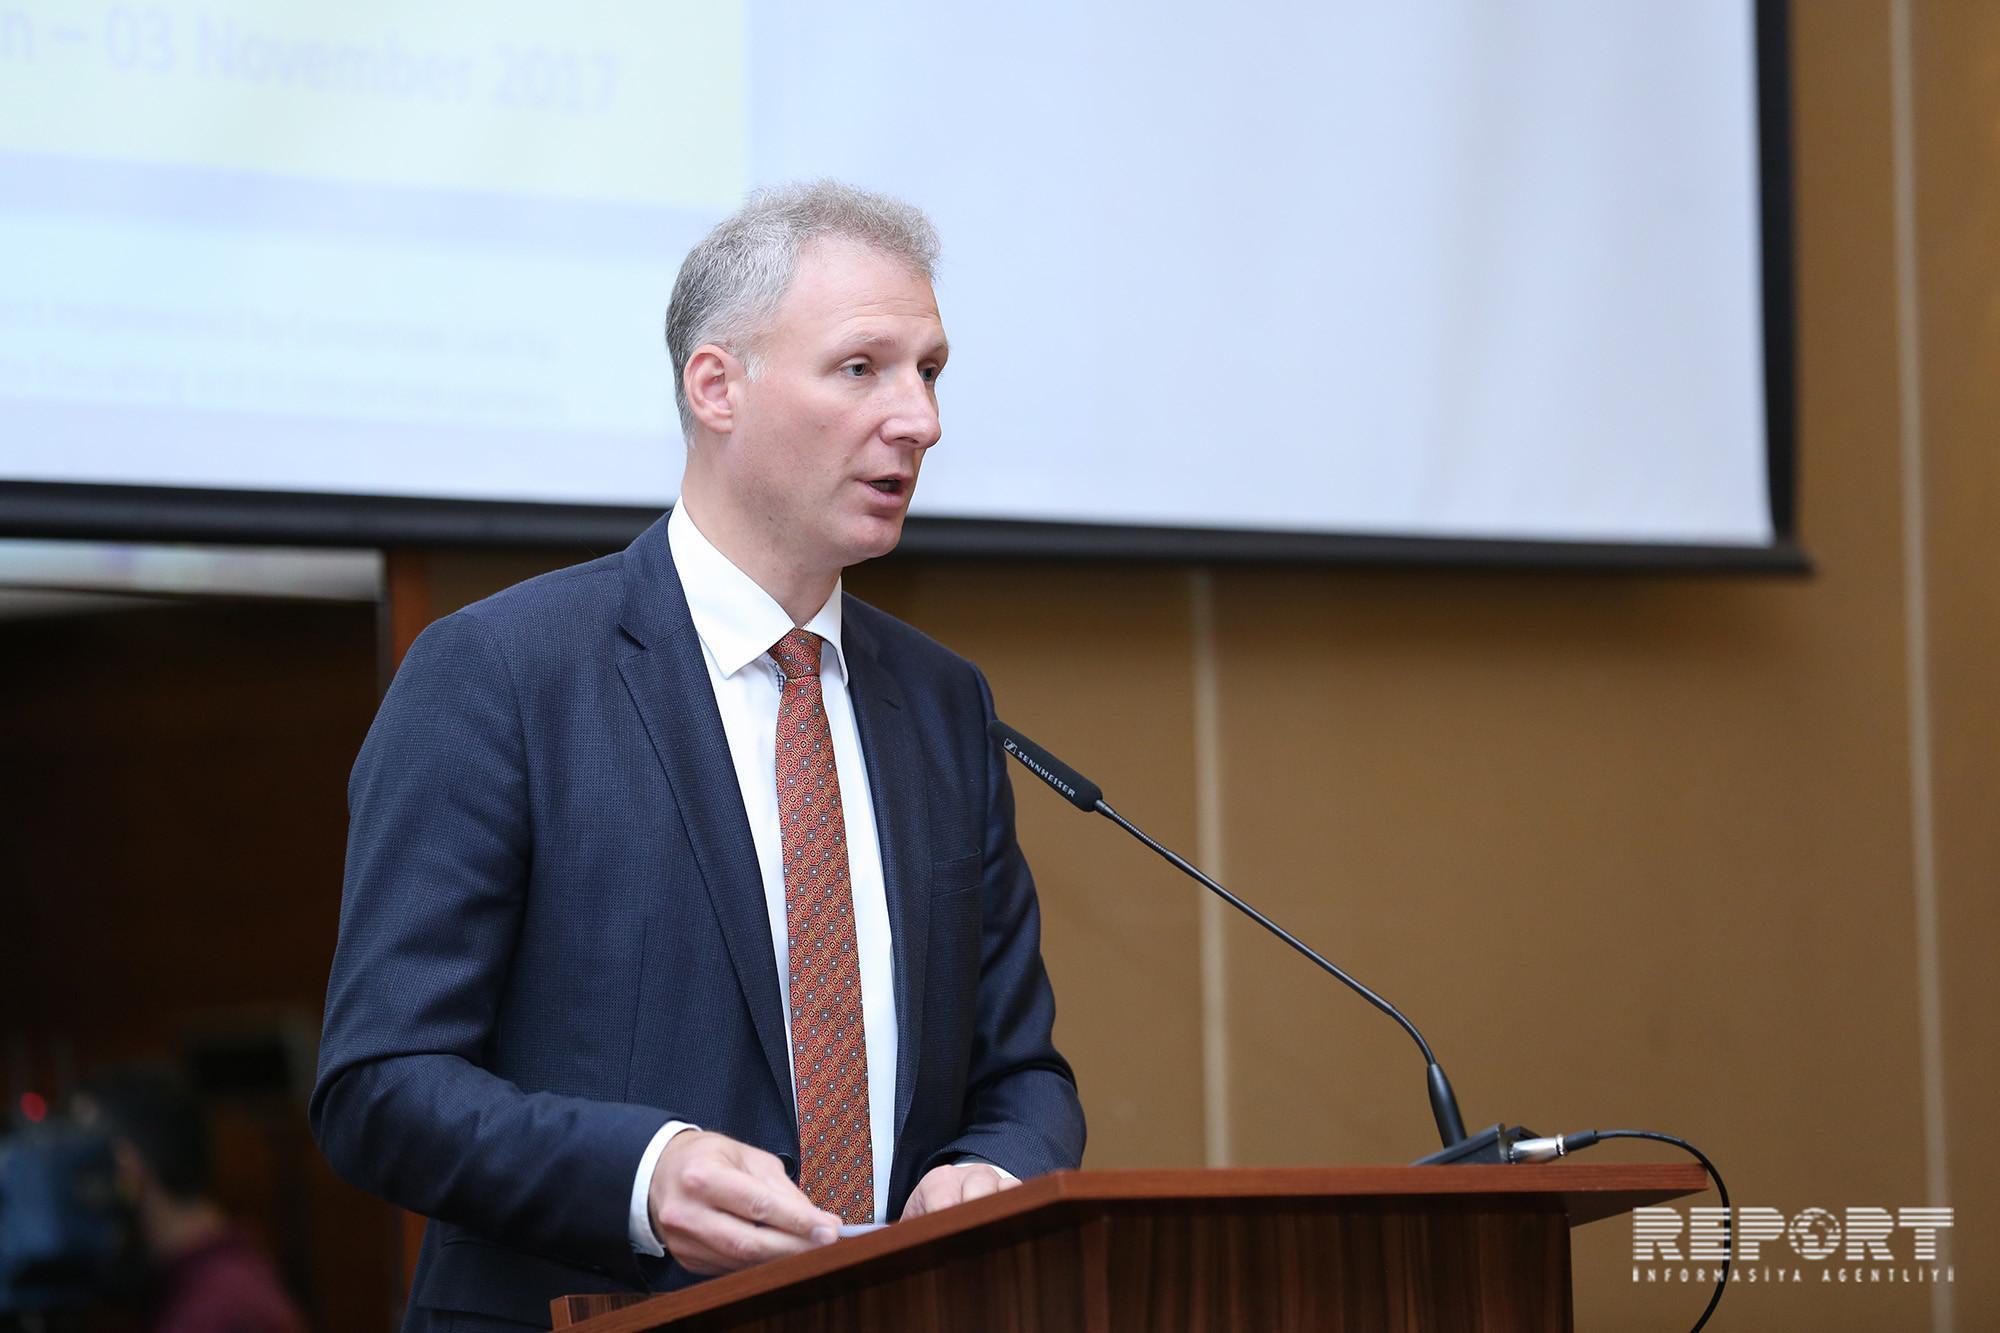 Посол: Отношения ЕС и Азербайджана растут и углубляются